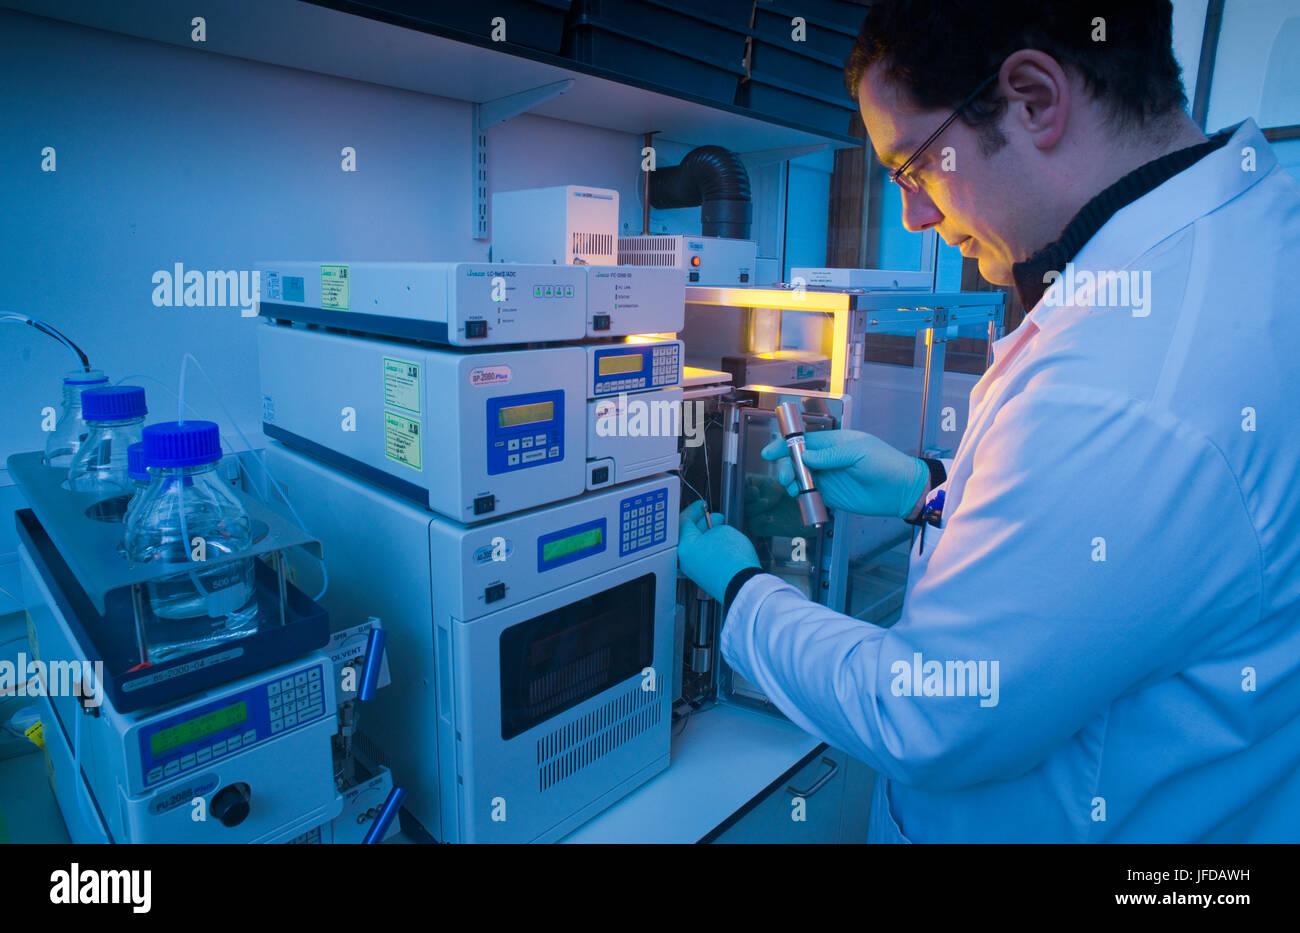 La carga de una muestra de purificación con dióxido de carbono supercrítico como agente de extracción Imagen De Stock